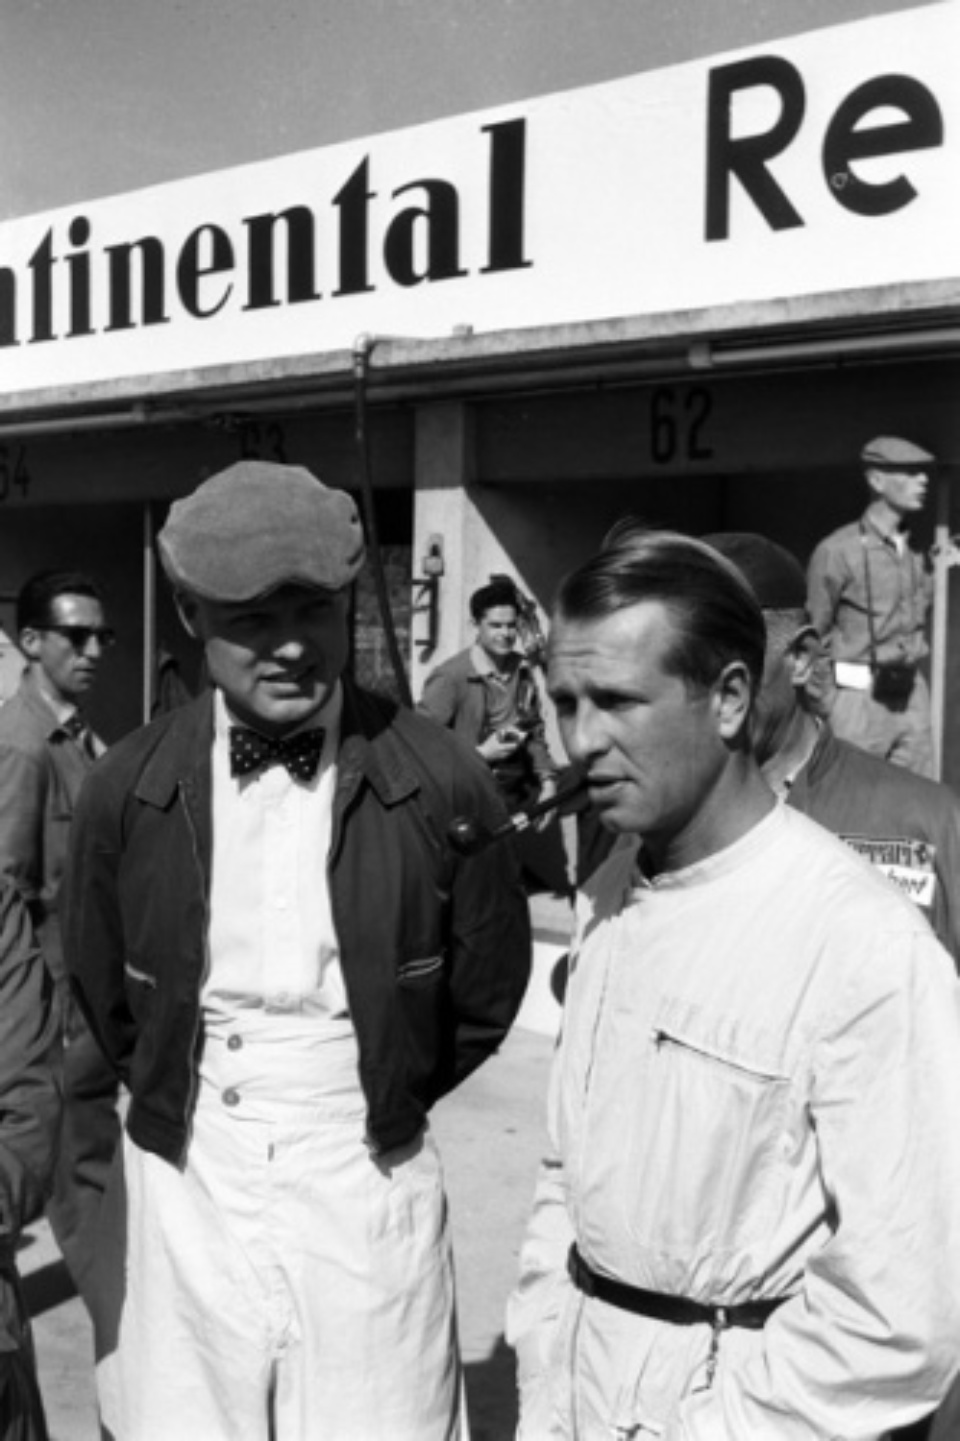 Marianne Fürstin zu Sayn-Wittgenstein-Sayn: 1. Juni 1958 - Nürburgring, 1000-km-Rennen. Mike Hawthorn und Peter Collins Nürburgring 1958 Gelatin silver print 82 x 55 cm 1/10